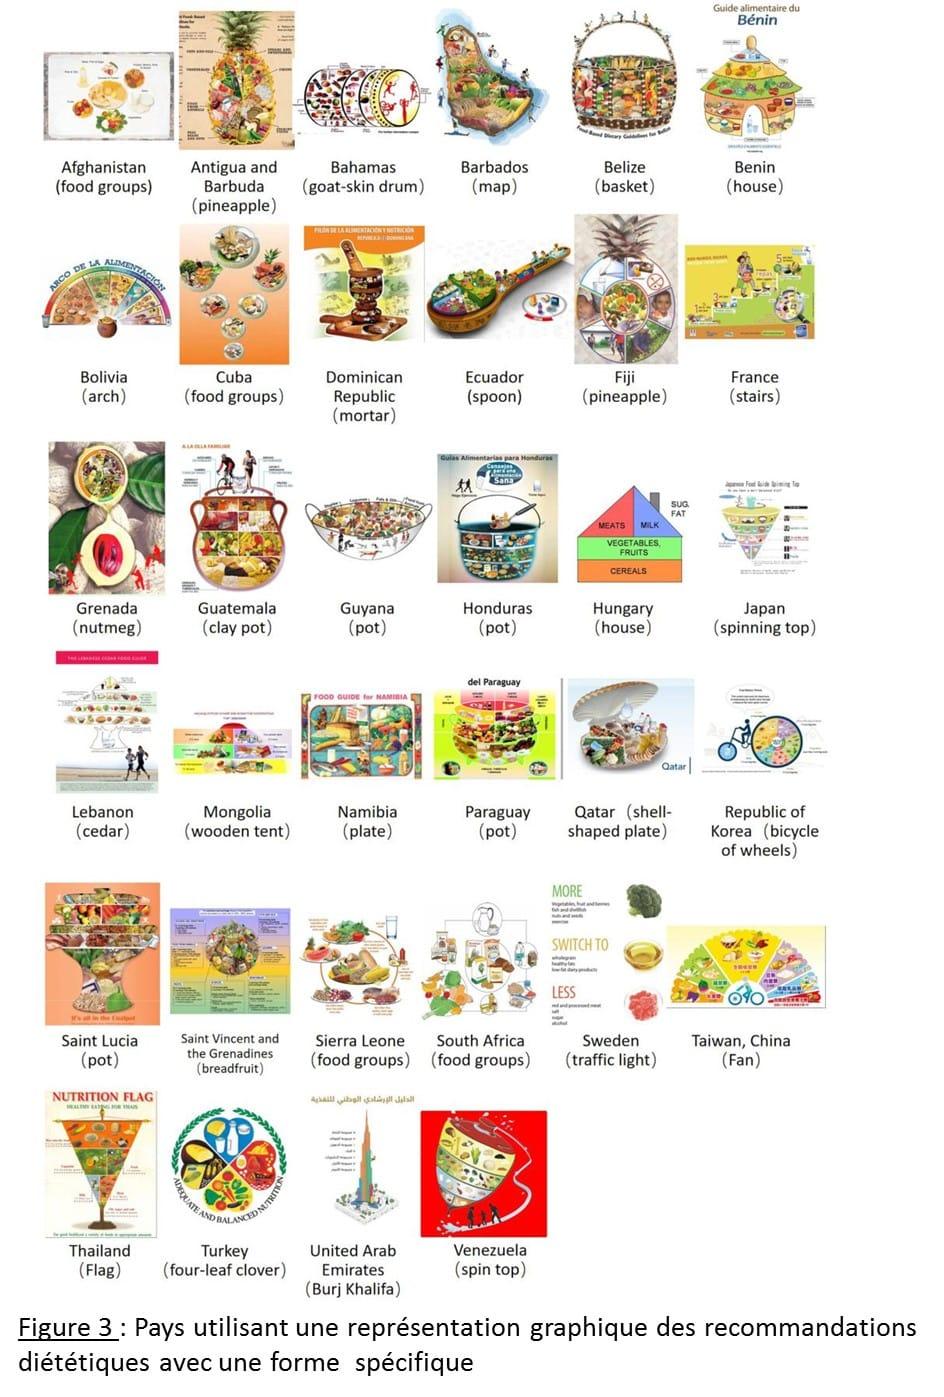 Les recommandations alimentaires à travers le monde